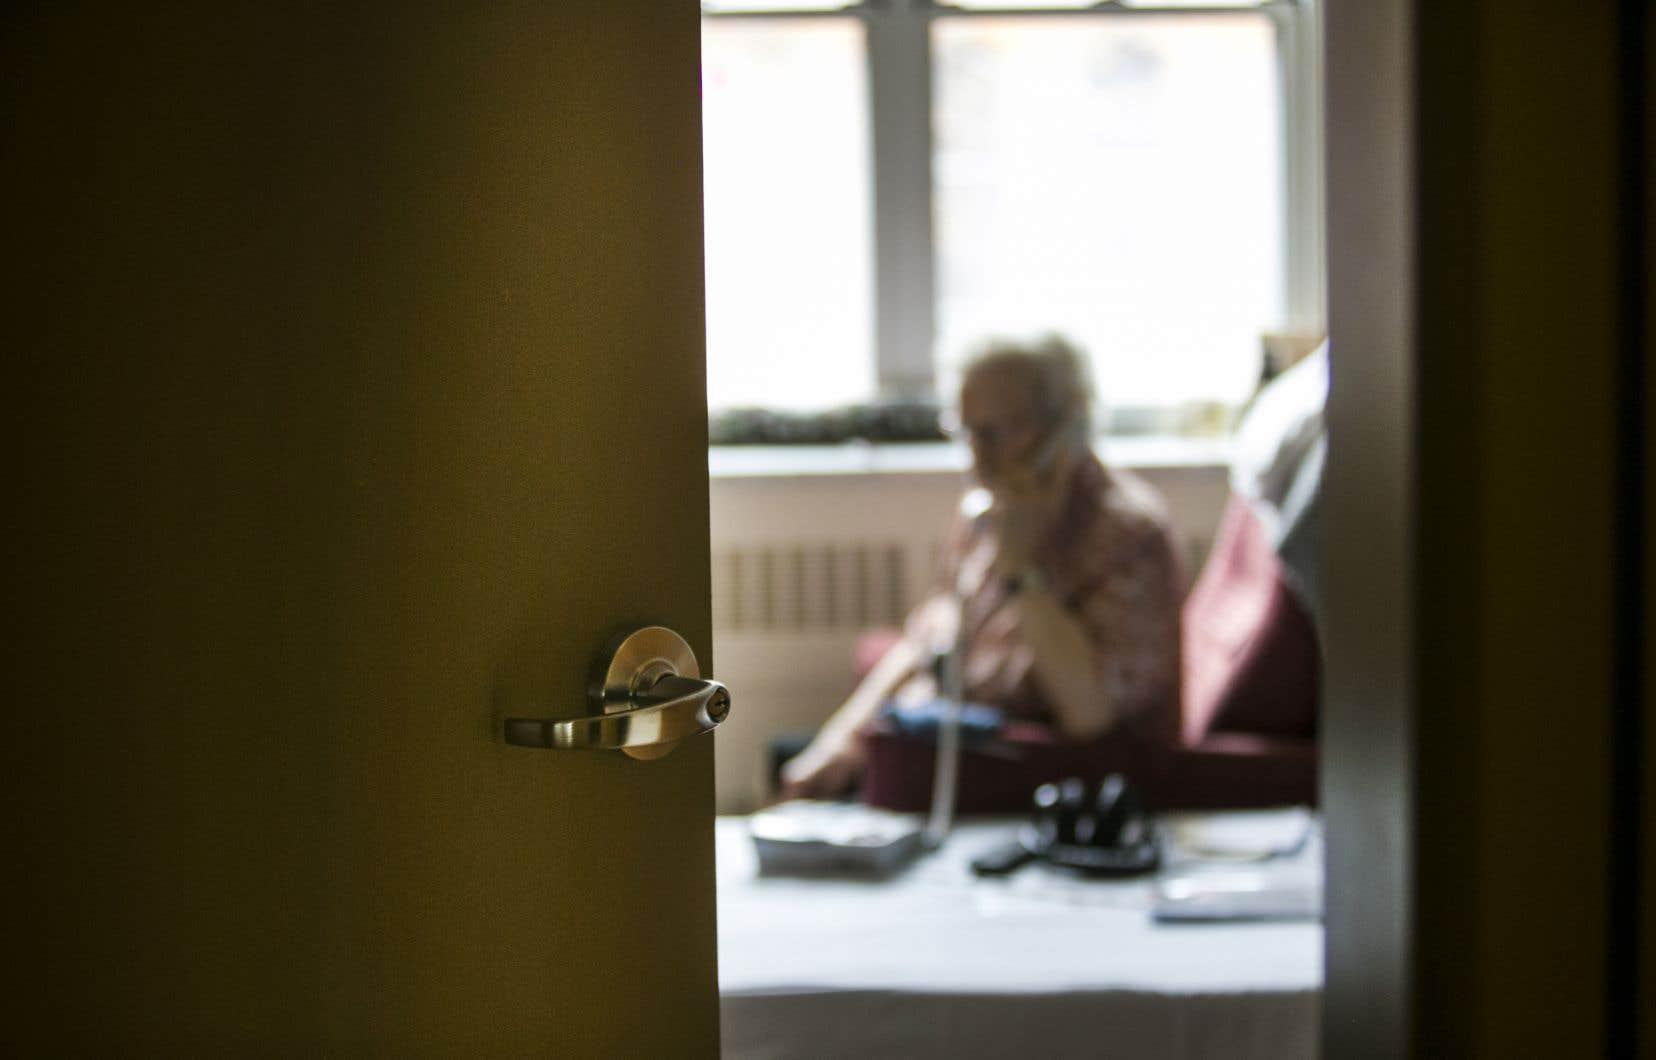 L'arrivée de la COVID-19 en  sol québécois  a exacerbé l'isolement social de plusieurs personnes âgées.